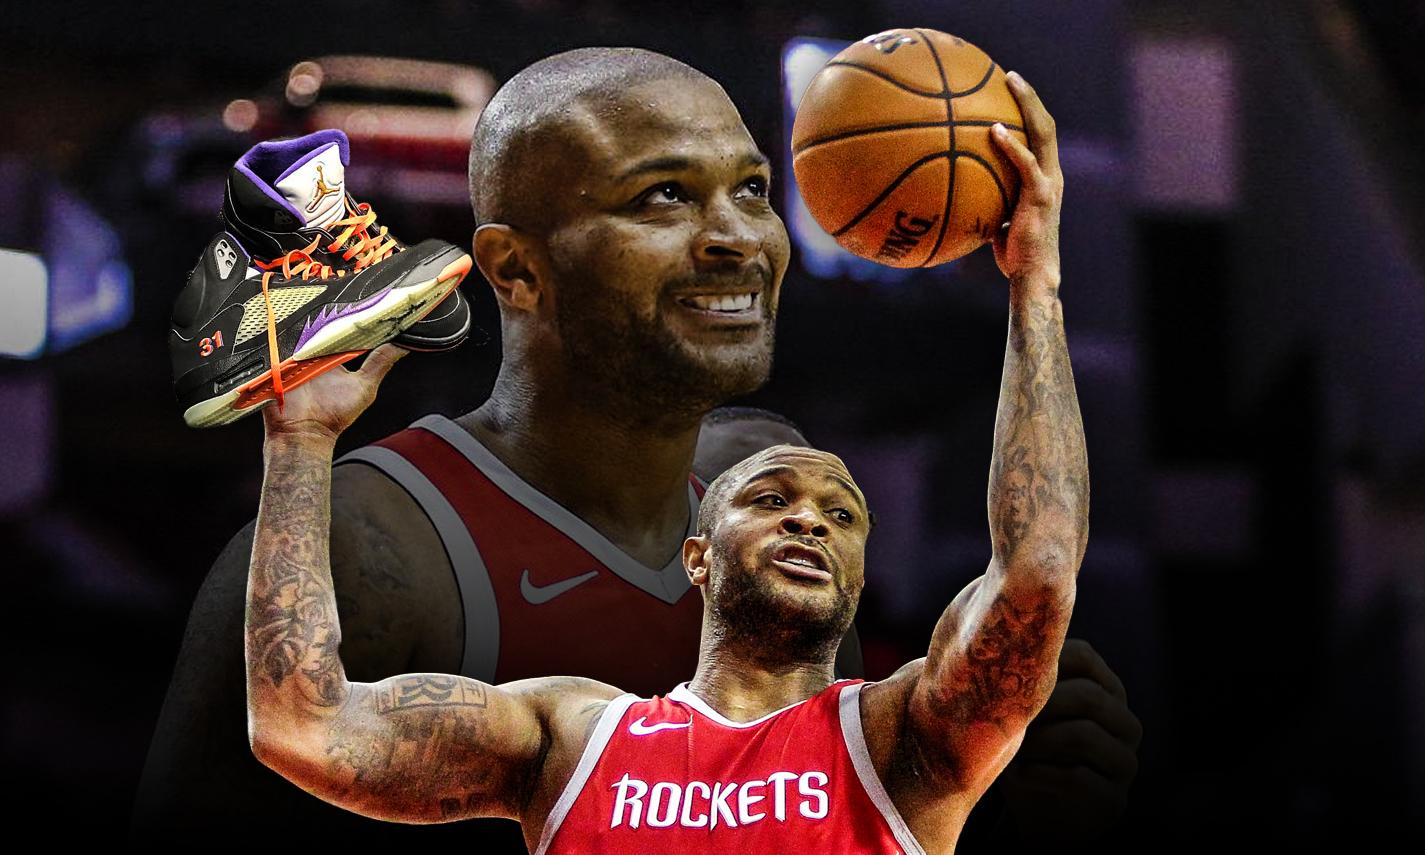 官方认证!P.J. Tucker 被评选为 NBA 球鞋王